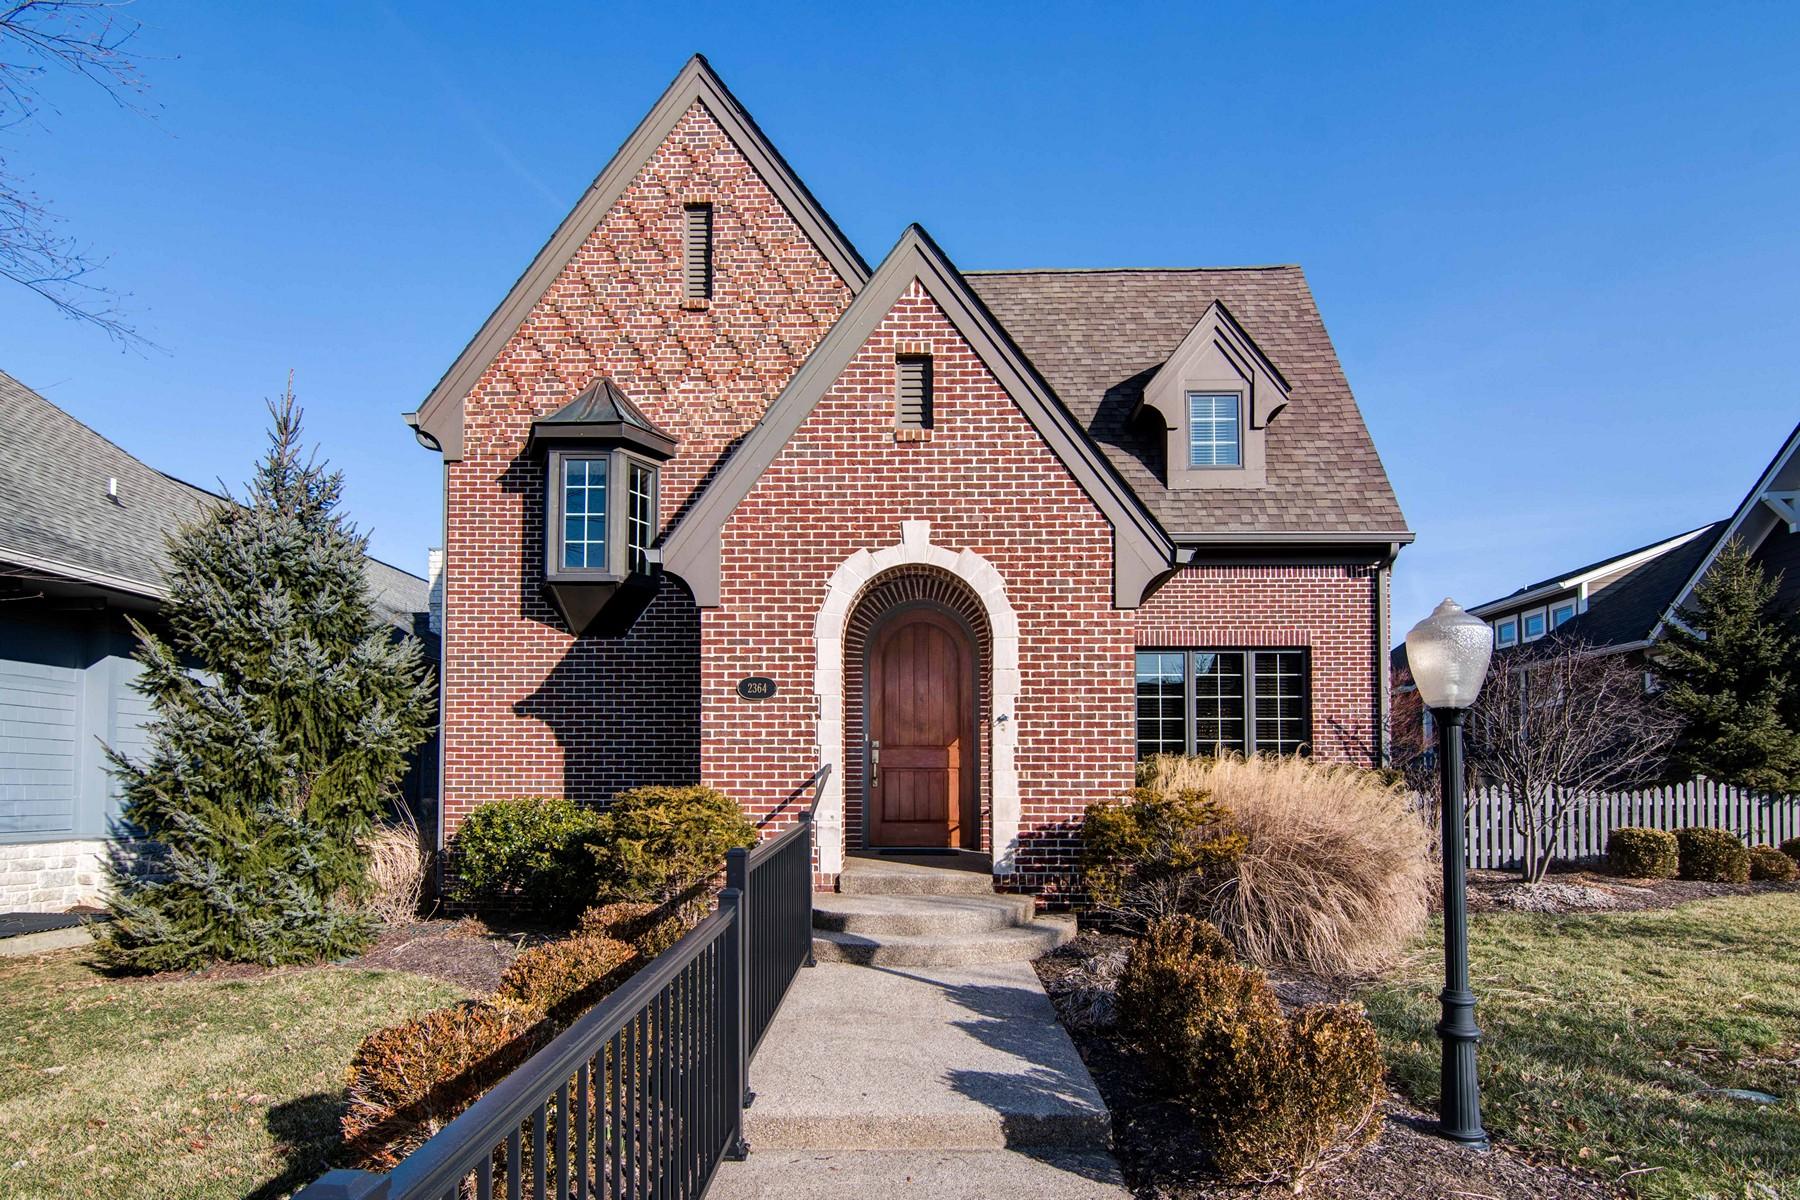 独户住宅 为 销售 在 Impeccable Brick Tudor Home 2364 Shaftesbury Road 卡梅尔, 印第安纳州, 46032 美国